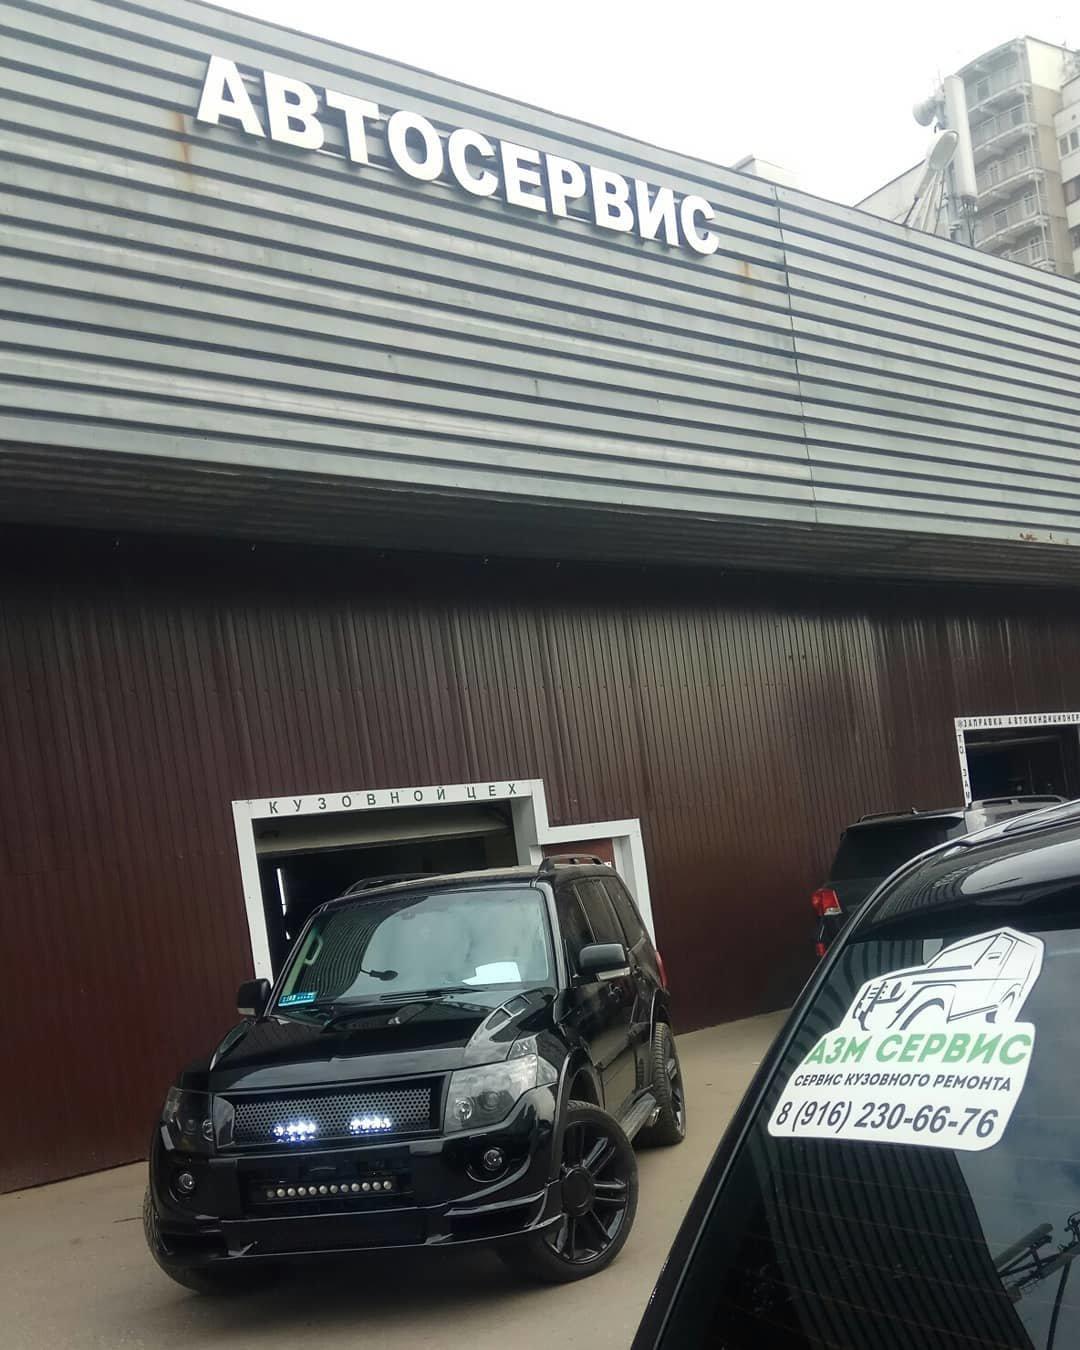 Автосалон на мичуринском москва автосалоны kia г москвы